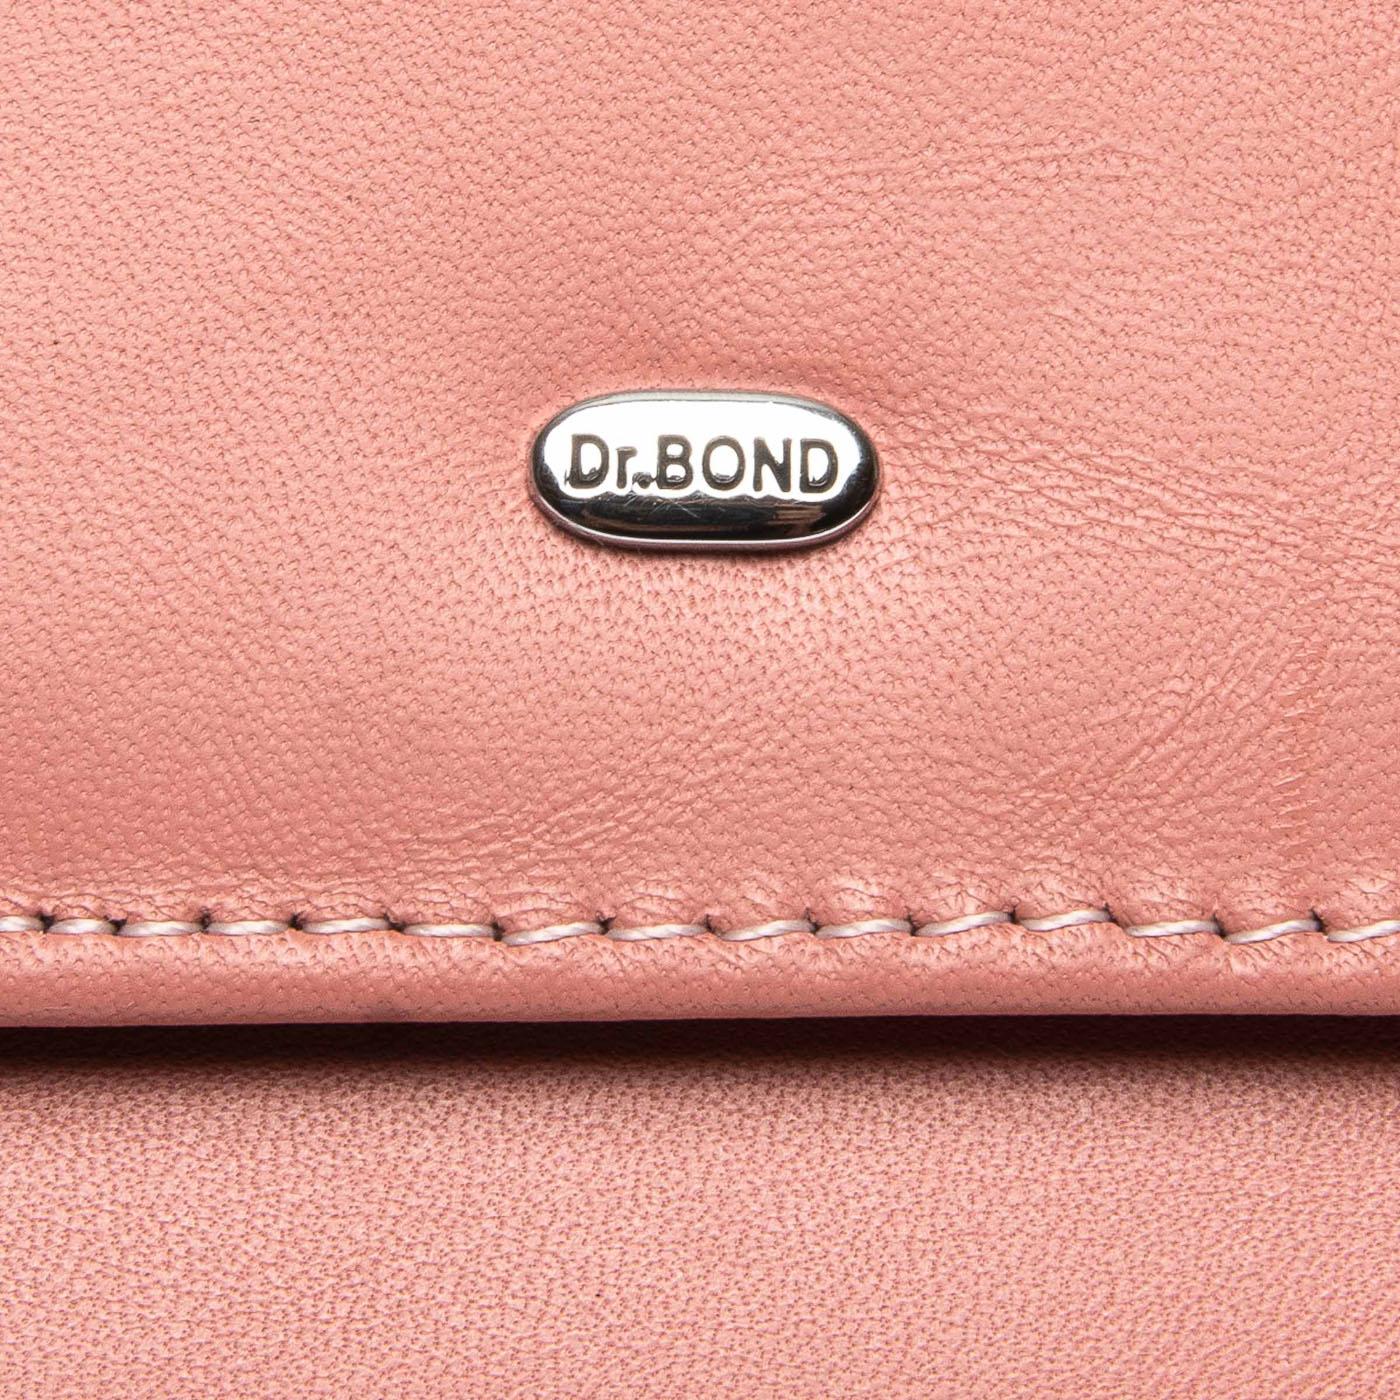 Кошелек Classic кожа DR. BOND WMB-4M pink - фото 3